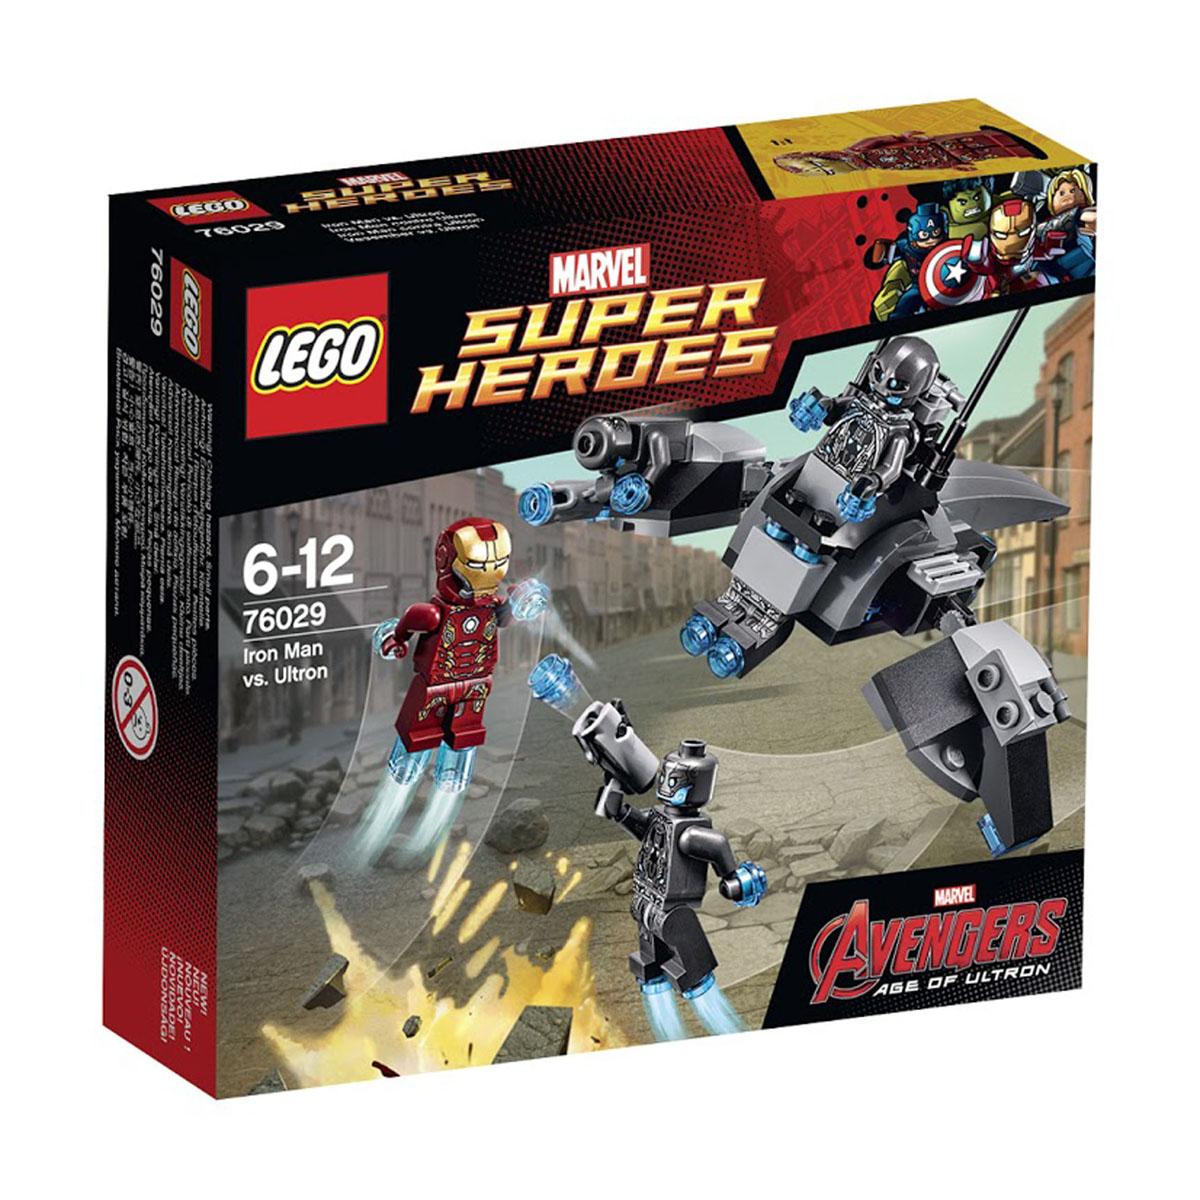 LEGO Super Heroes Конструктор Железный человек против Альтрона 7602976029Чтобы победить Железного Человека, солдаты-роботы Альтрона решили воспользоваться своим уникальным летательным аппаратом. Его корпус выполнен из серо-черных деталей с добавлением голубых элементов. Центральное место в конструкции отведено кабине пилота, предназначенной для одного офицера. Управляя самолётом, офицер разделяет своё туловище на две части, становясь единым целым с бортовым компьютером. За кабиной пилота спрятан небольшой держатель. Он может подниматься и надёжно фиксировать пилота в кабине. Отличительной особенностью боевого корабля Альтрона является конструкция двух симметричных крыльев. В режиме полёта они поднимаются, а во время посадки - превращаются в надёжные опоры. Также на каждом крыле есть специальное крепление для вооружённого солдата-робота. В набор входят 4 мини-фигурки с оружием и аксессуарами: Железный Человек, 1 офицер и 2 солдата Альтрона. Конструктор - это один из самых увлекательнейших и веселых способов времяпрепровождения. Ребенок сможет...